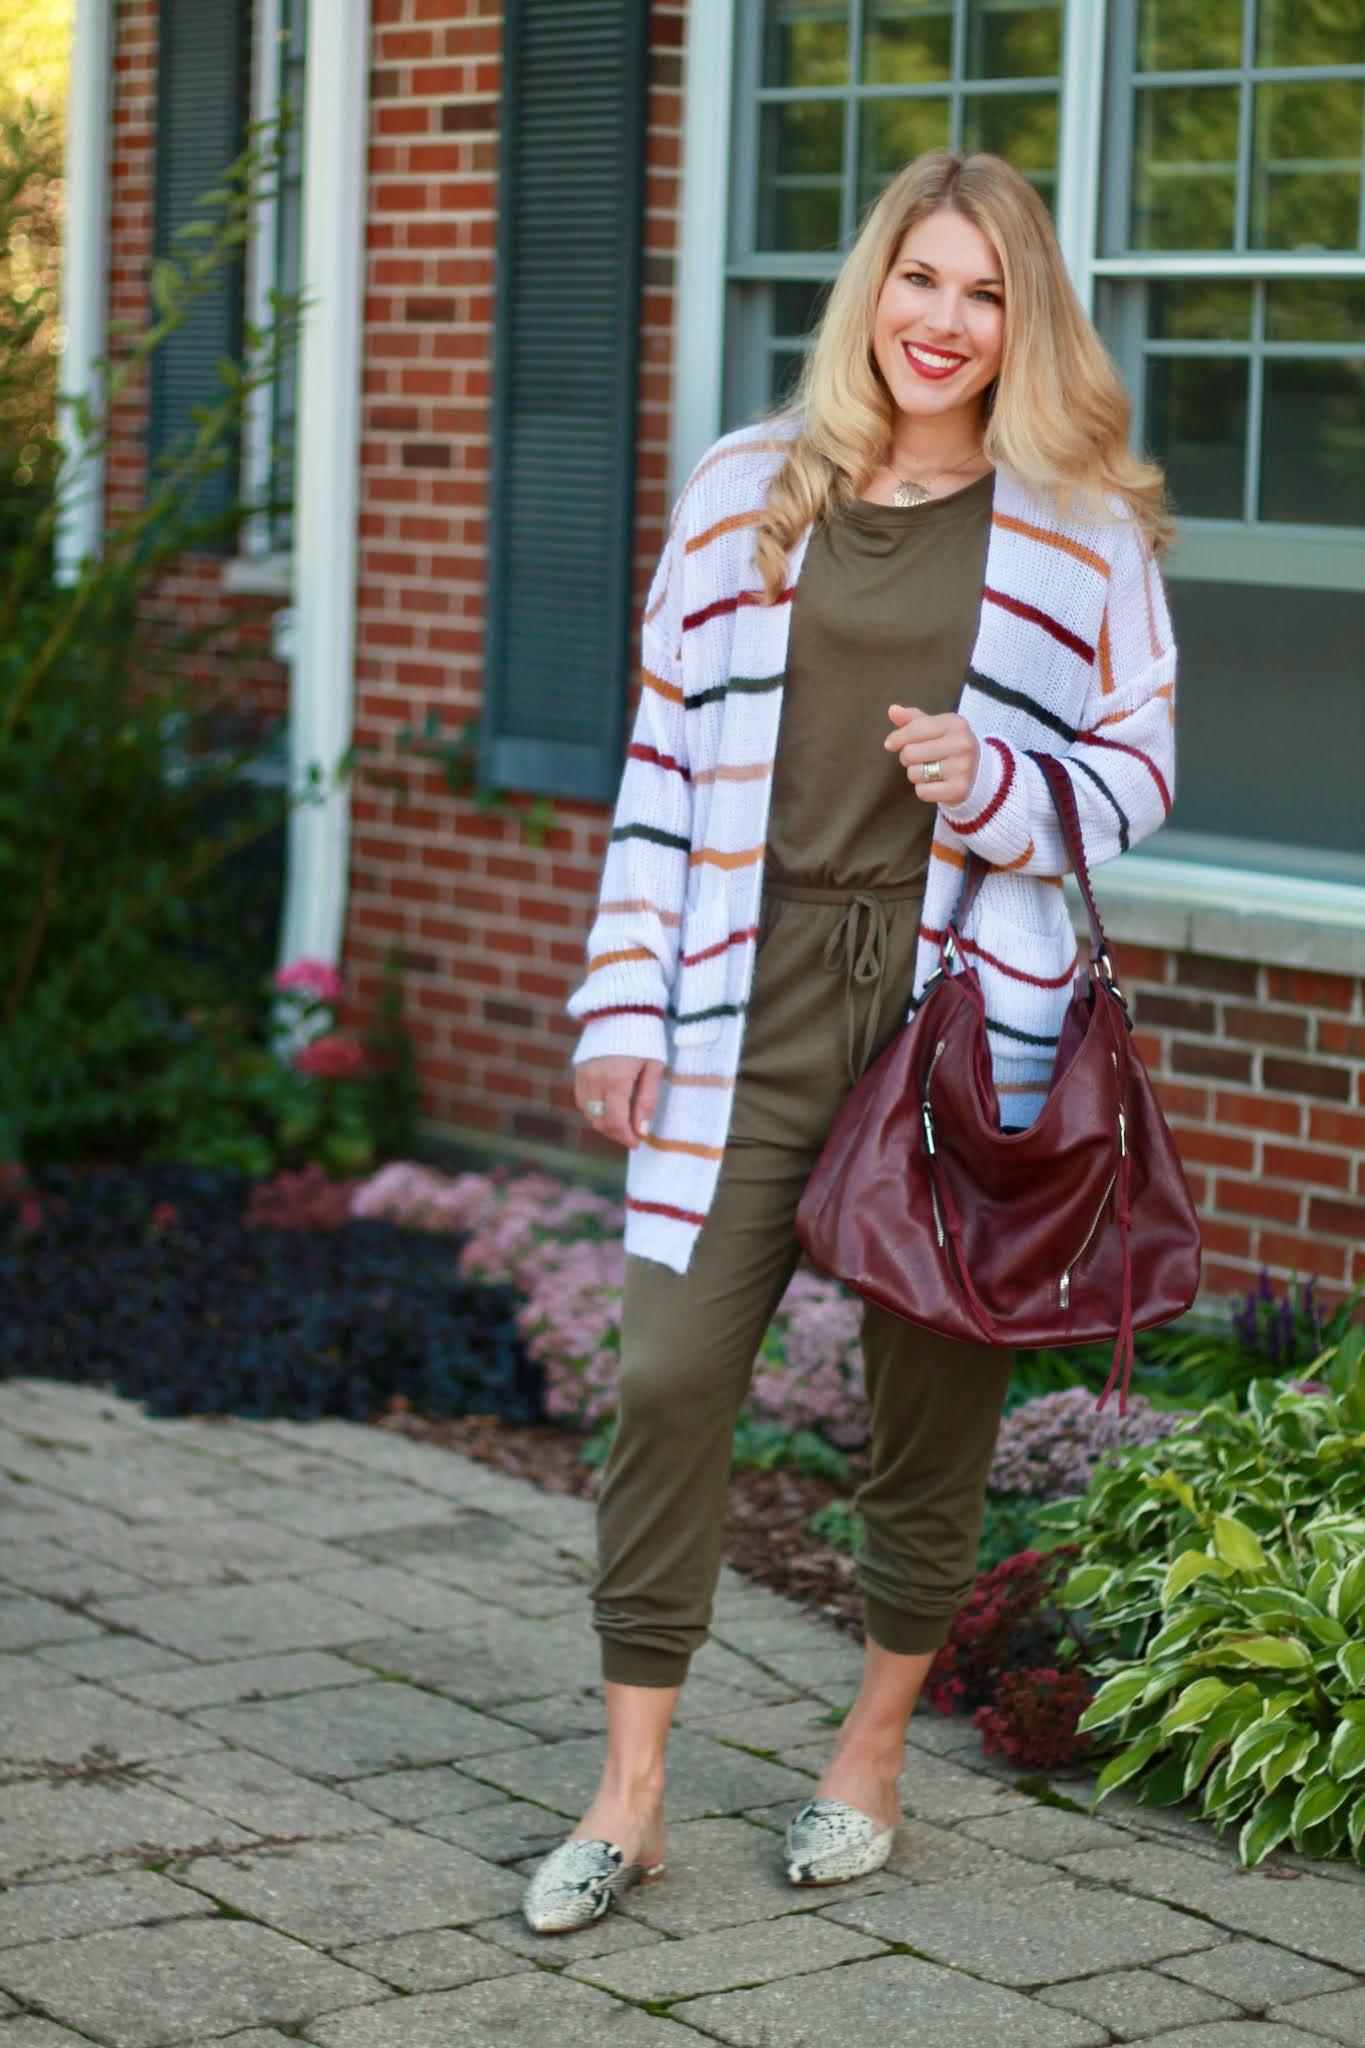 olive jumpsuit, striped cardigan, snakeskin mules, burgundy bag